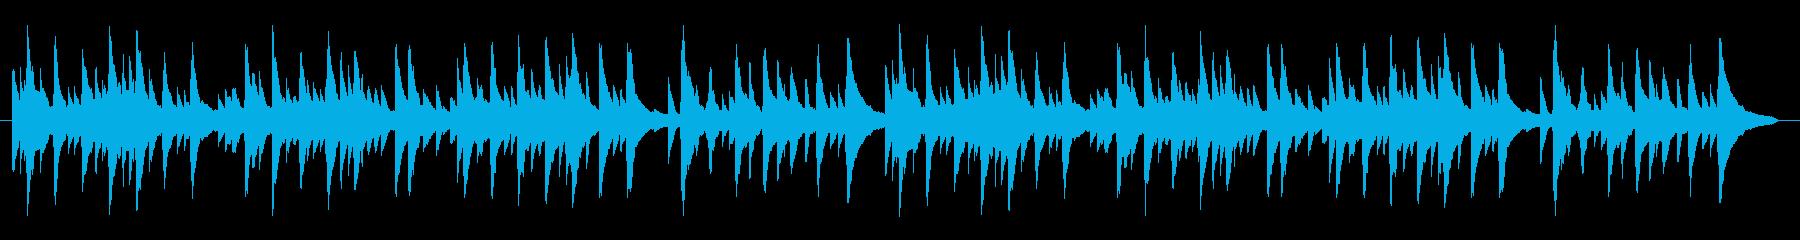 素朴でちょっとつたないソロピアノの再生済みの波形